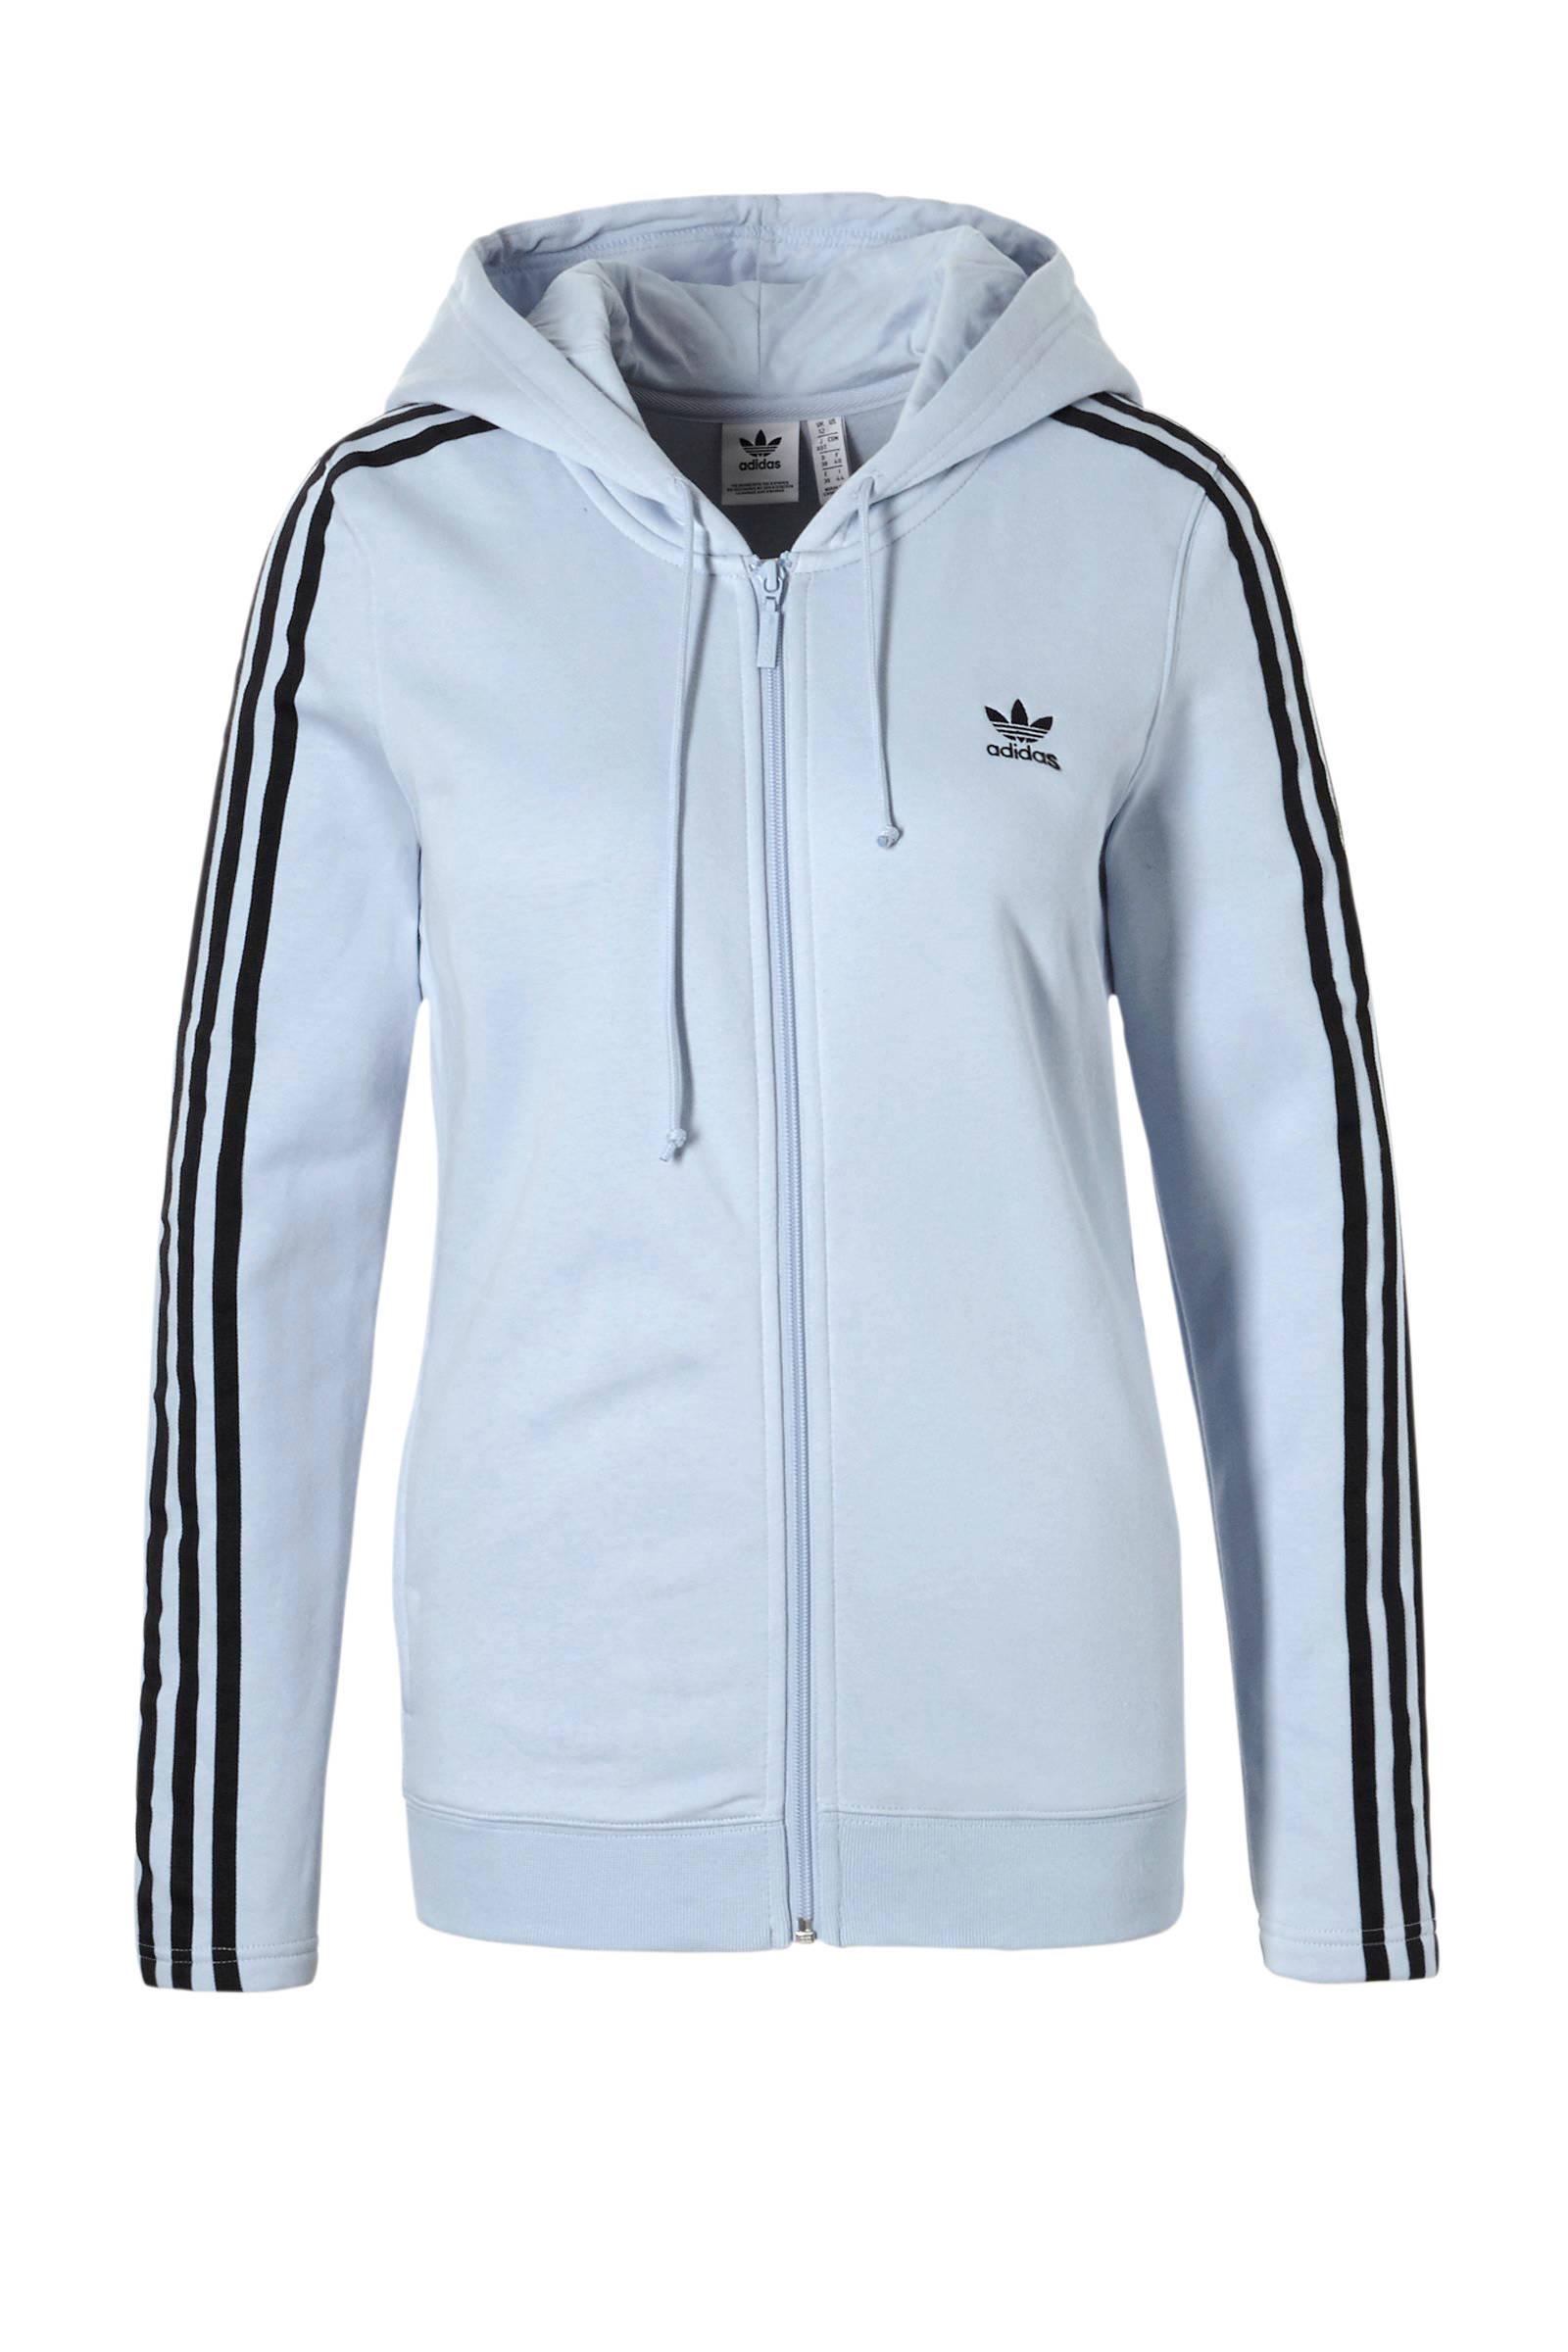 buy online 2ef63 49e4a Gratis Bezorging Dames 20 Originals Wehkamp Adidas Vanaf Bij